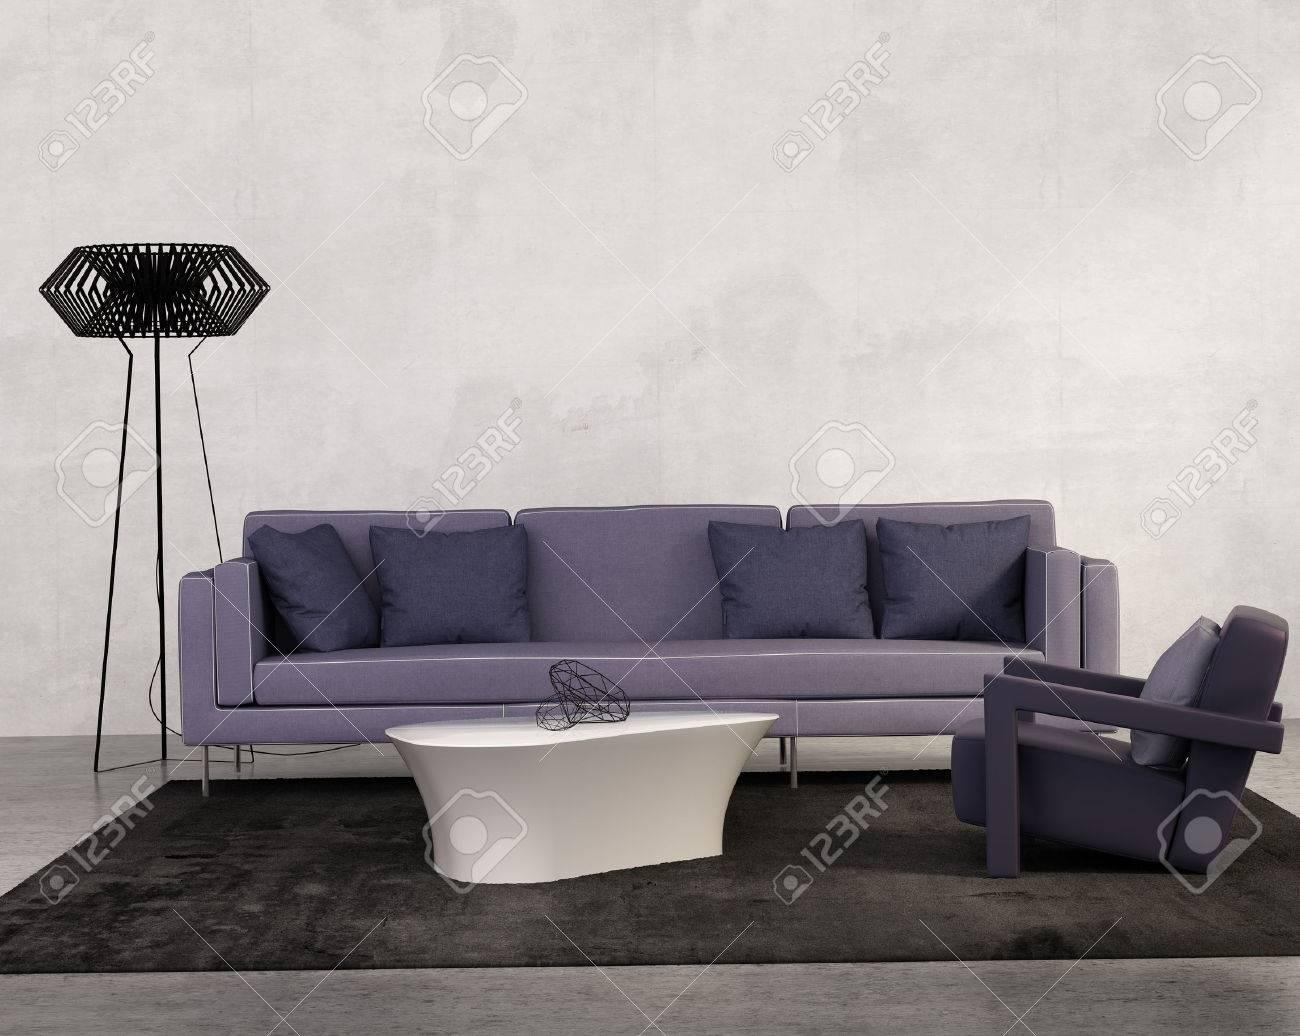 Zeitgenössische Wohnzimmer Mit Lila Sofa Lizenzfreie Fotos, Bilder ...